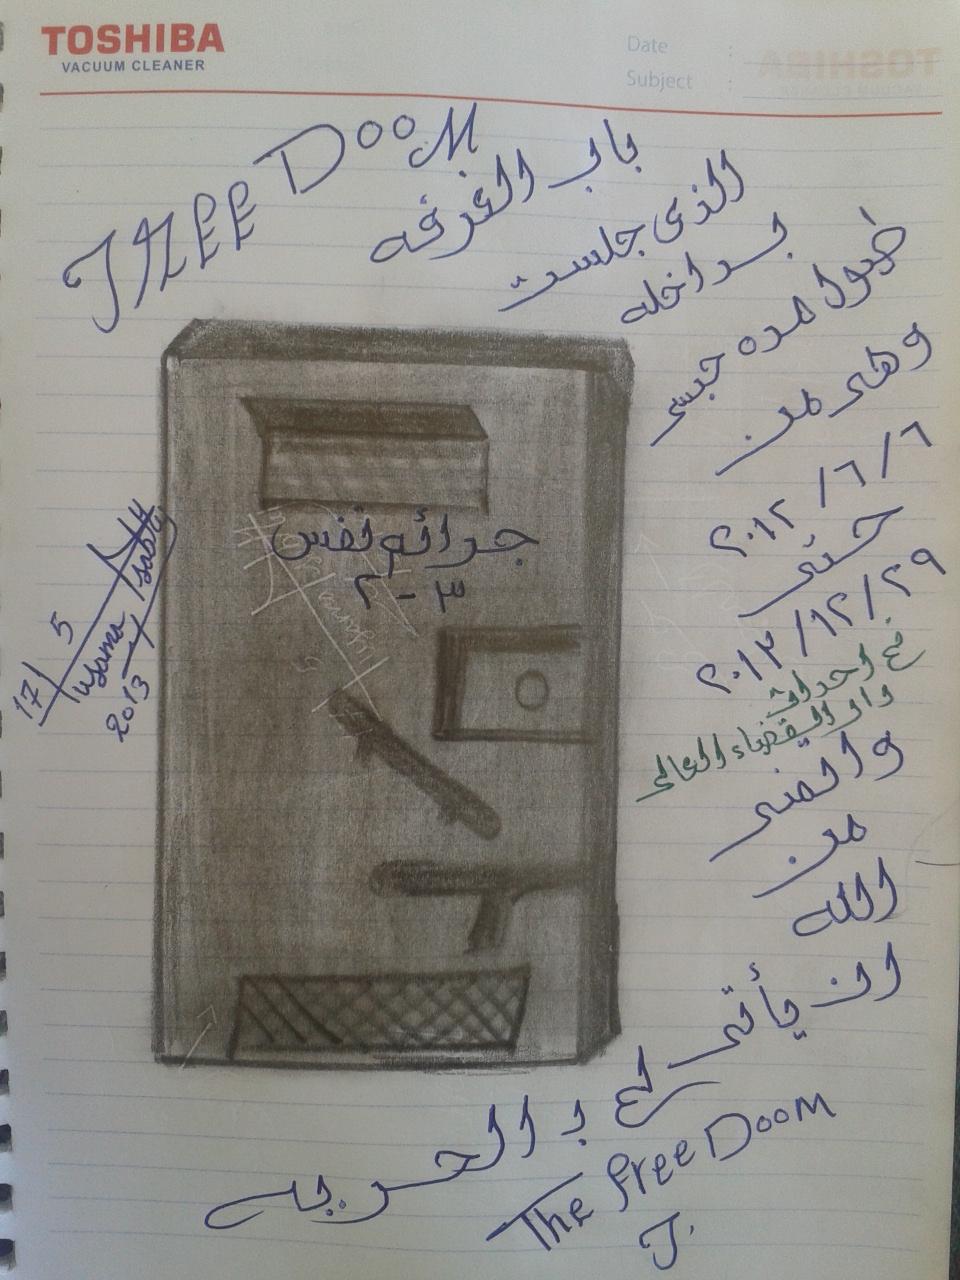 20e4a2ab766d9 أرشيف الإنتاج الإبداعي داخل أماكن الاحتجاز في مصر، منذ عام 2011 حتى 25  أغسطس 2015 - دفتر أحوال DaftarAhwal